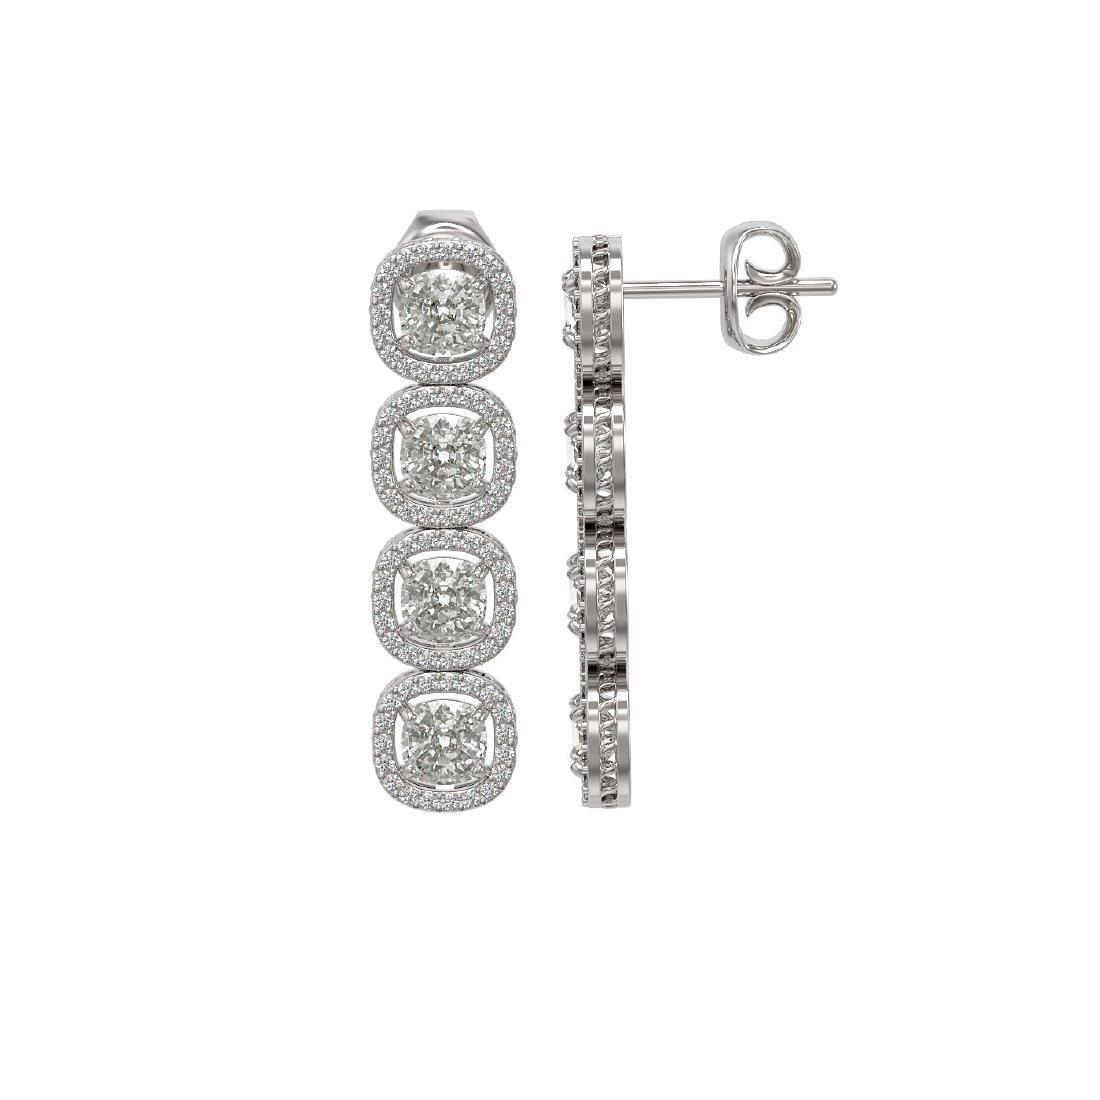 6.01 ctw Cushion Diamond Designer Earrings 18K White - 2